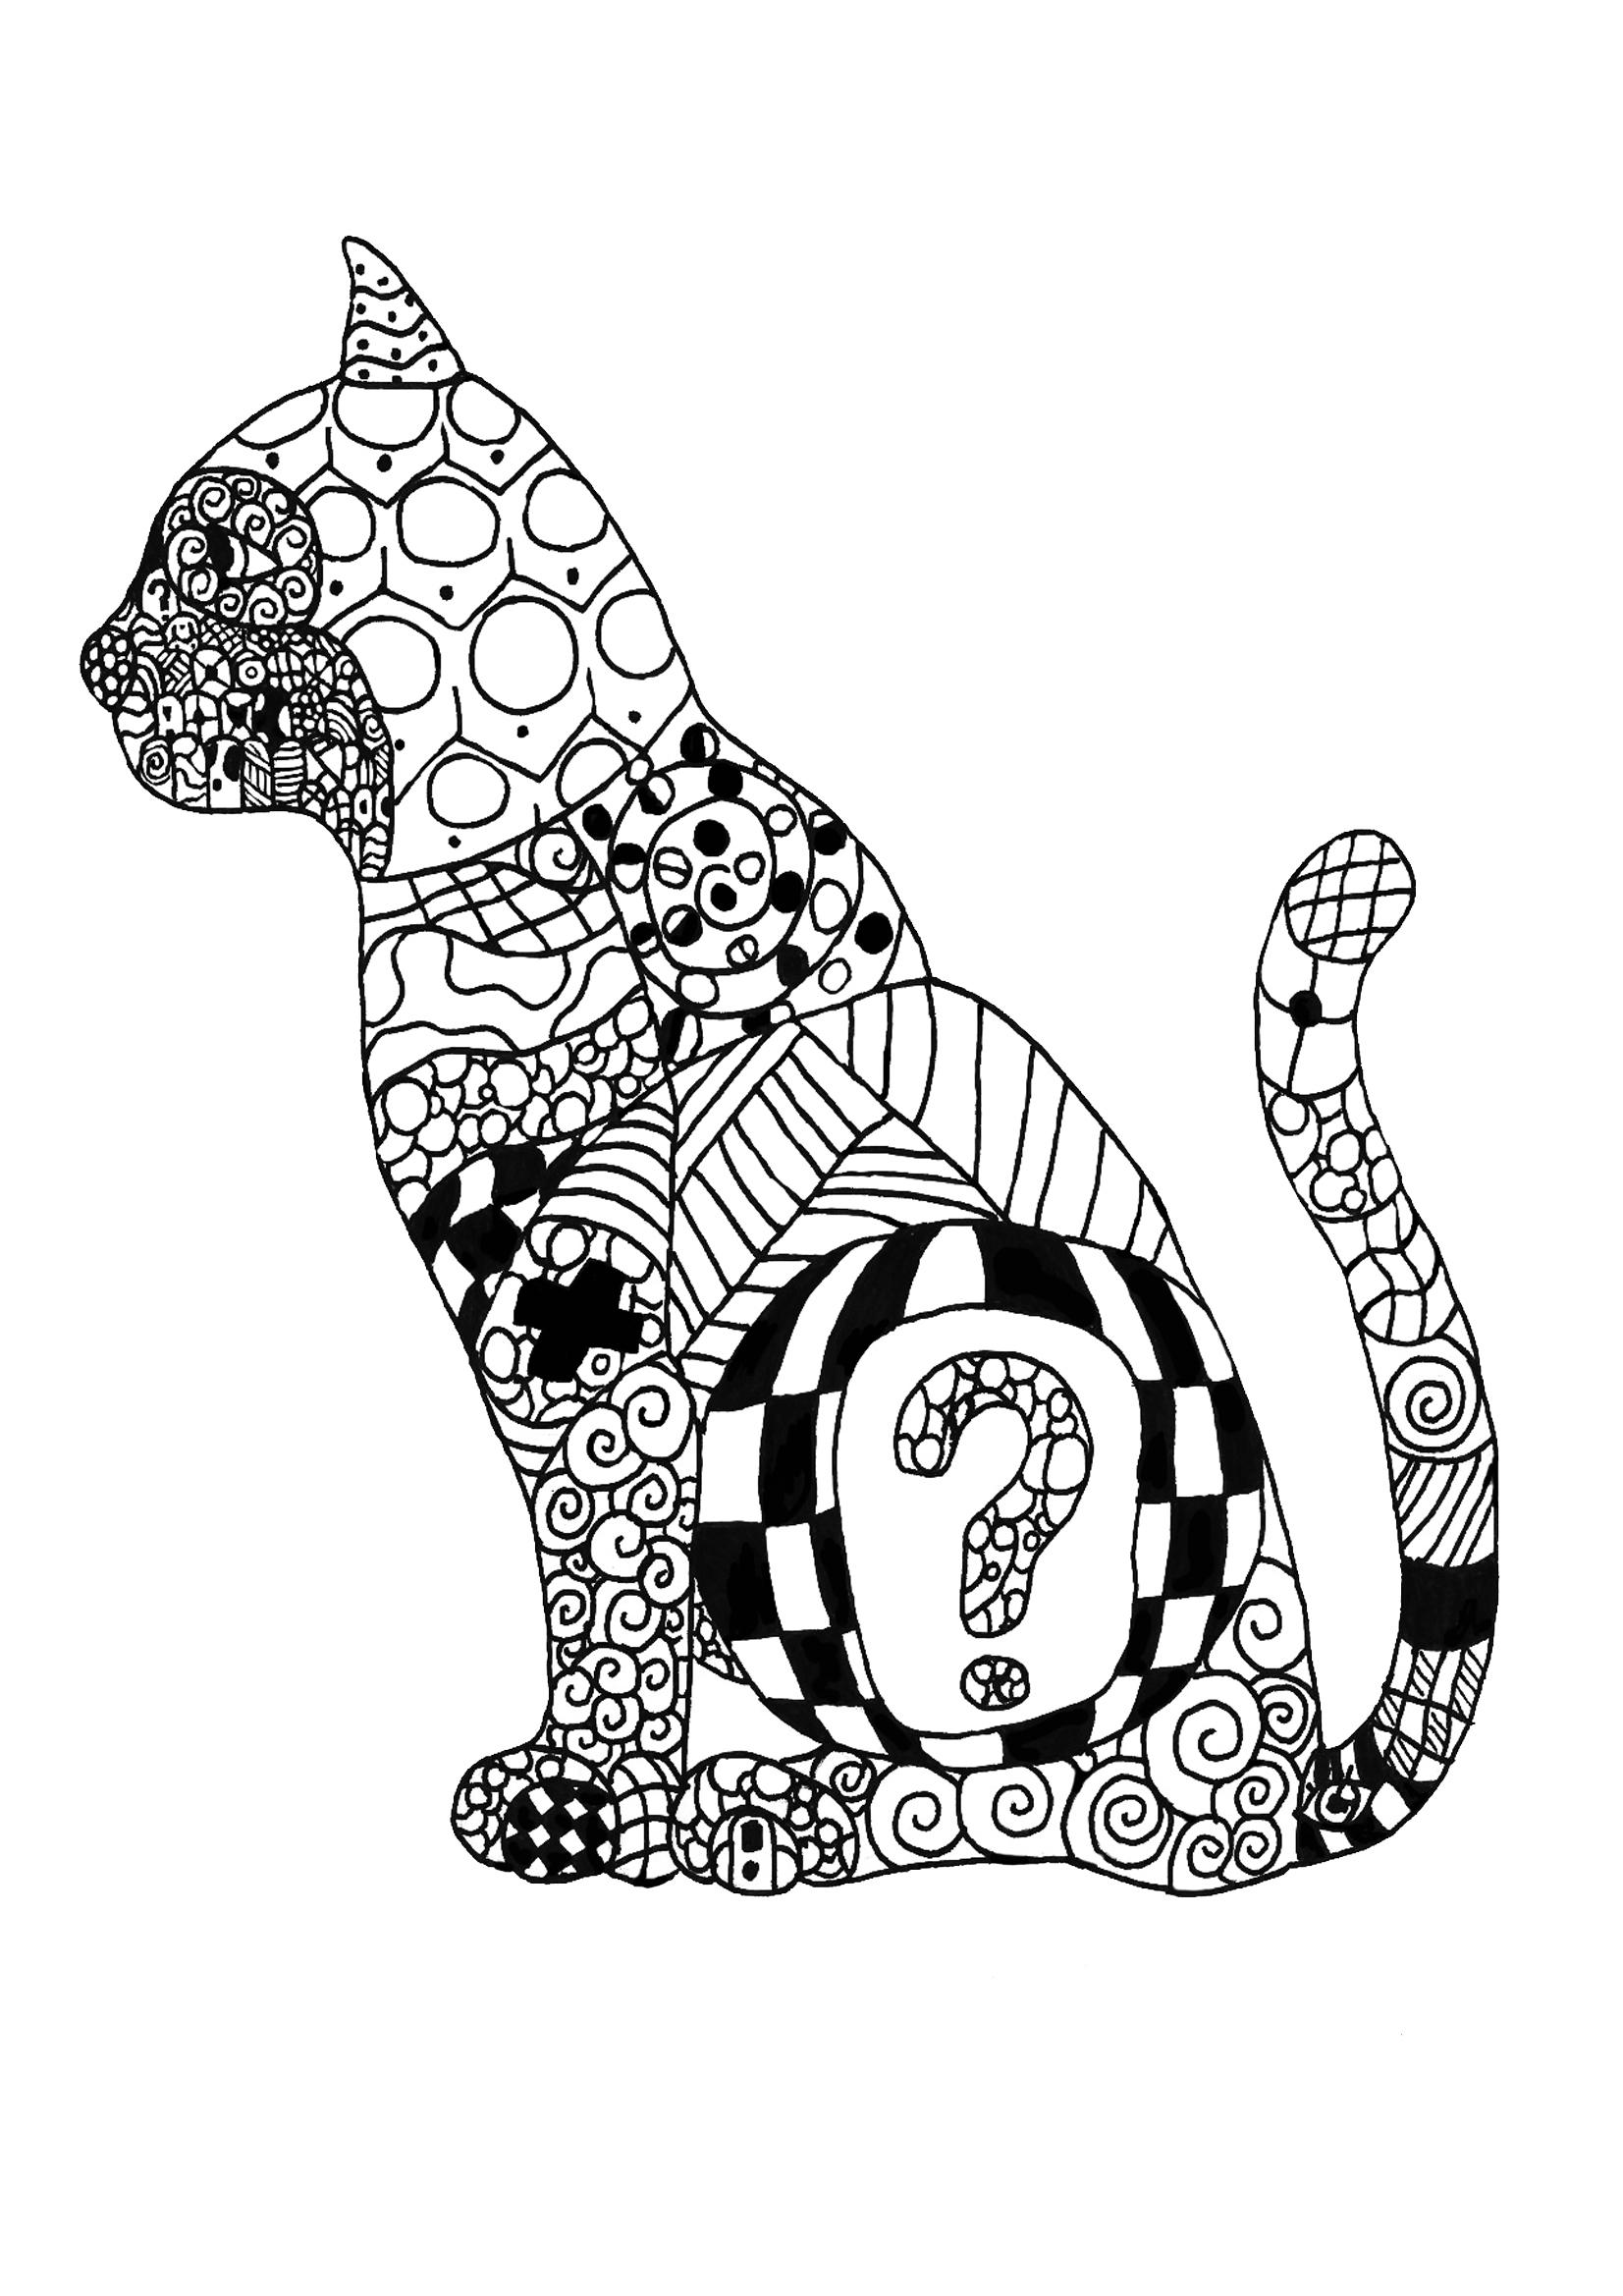 Tranh tô màu chú mèo cùng những họa tiết đặc biệt